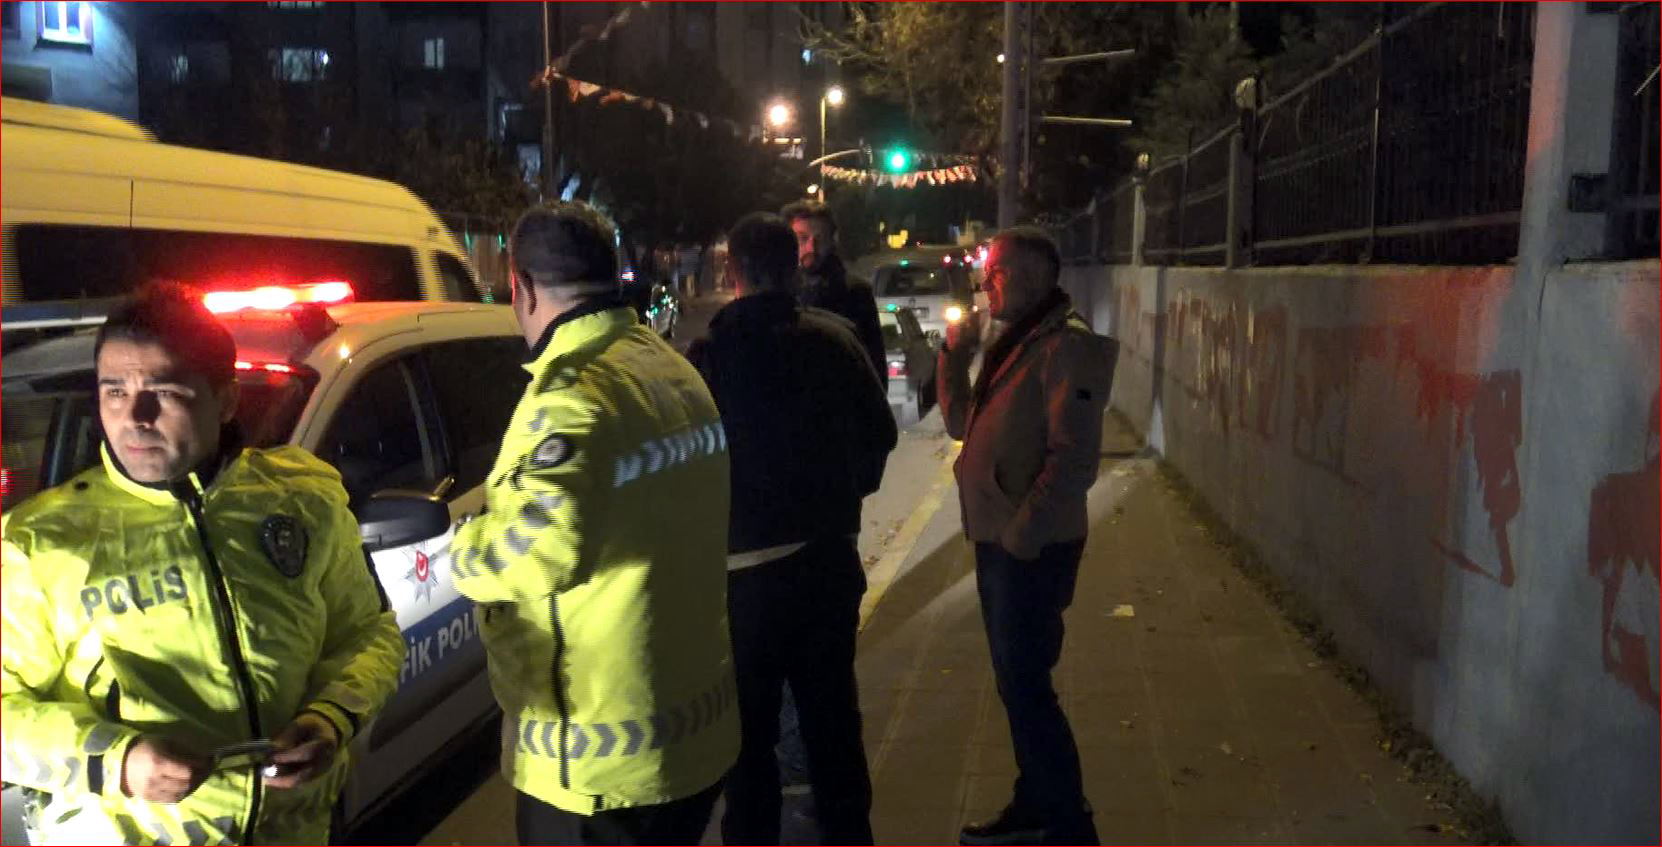 Avcılar'da duvardan yola atlayan kişiye minibüs çarptı